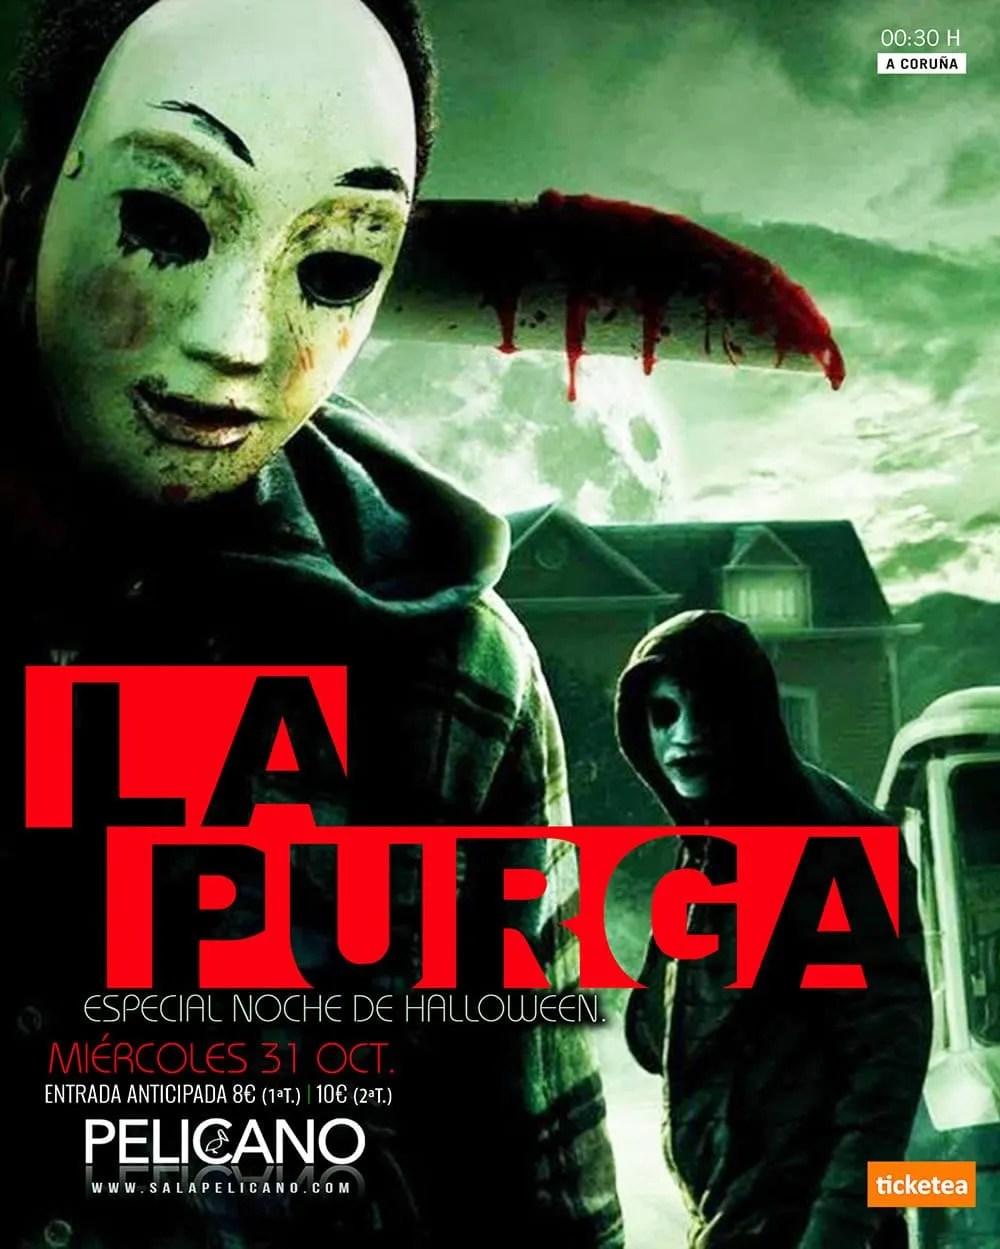 La Purga